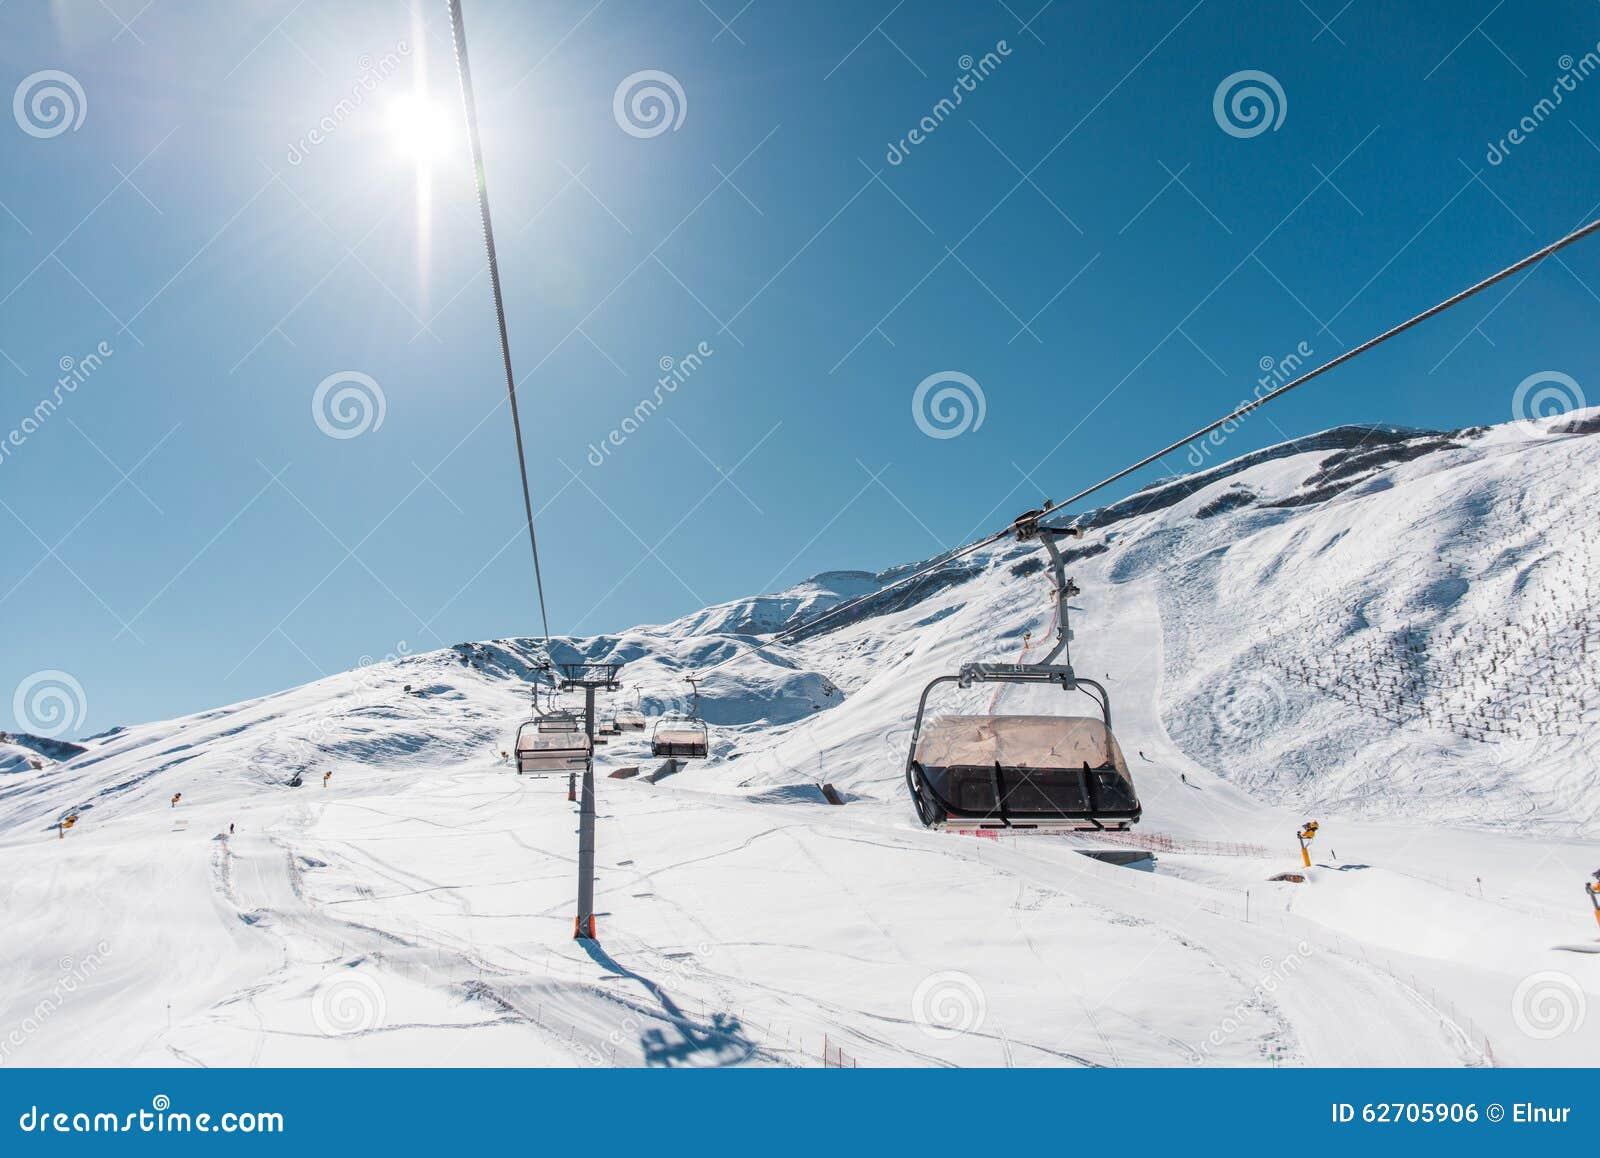 Ανελκυστήρες κατά τη διάρκεια της φωτεινής χειμερινής ημέρας